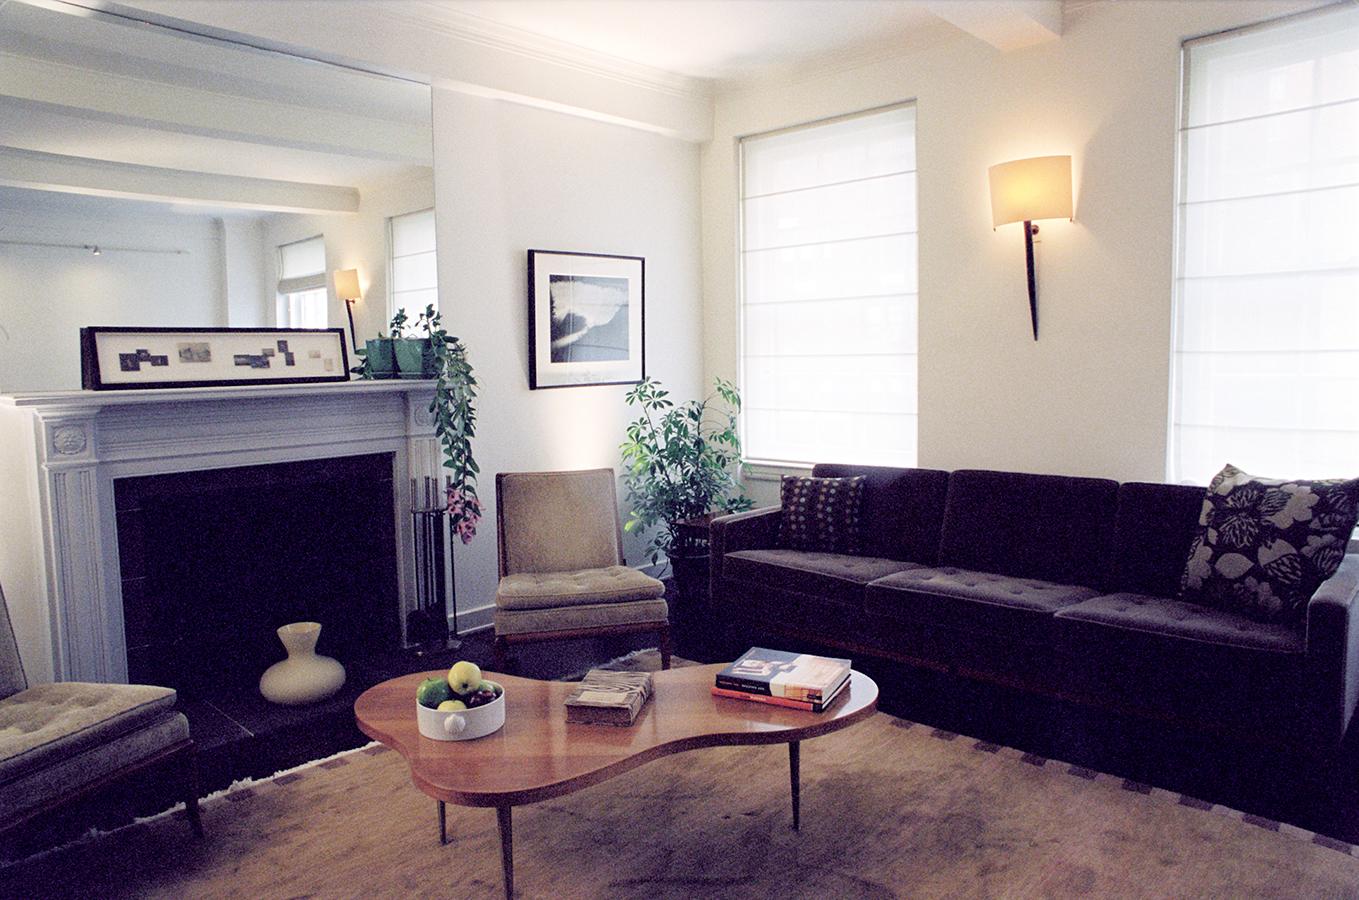 Midtown   Nueva York    Muebles de los años 50 y tonos sutiles y neutros hacen de este departamento un refugio muy acogedor en el corazón de Manhattan.